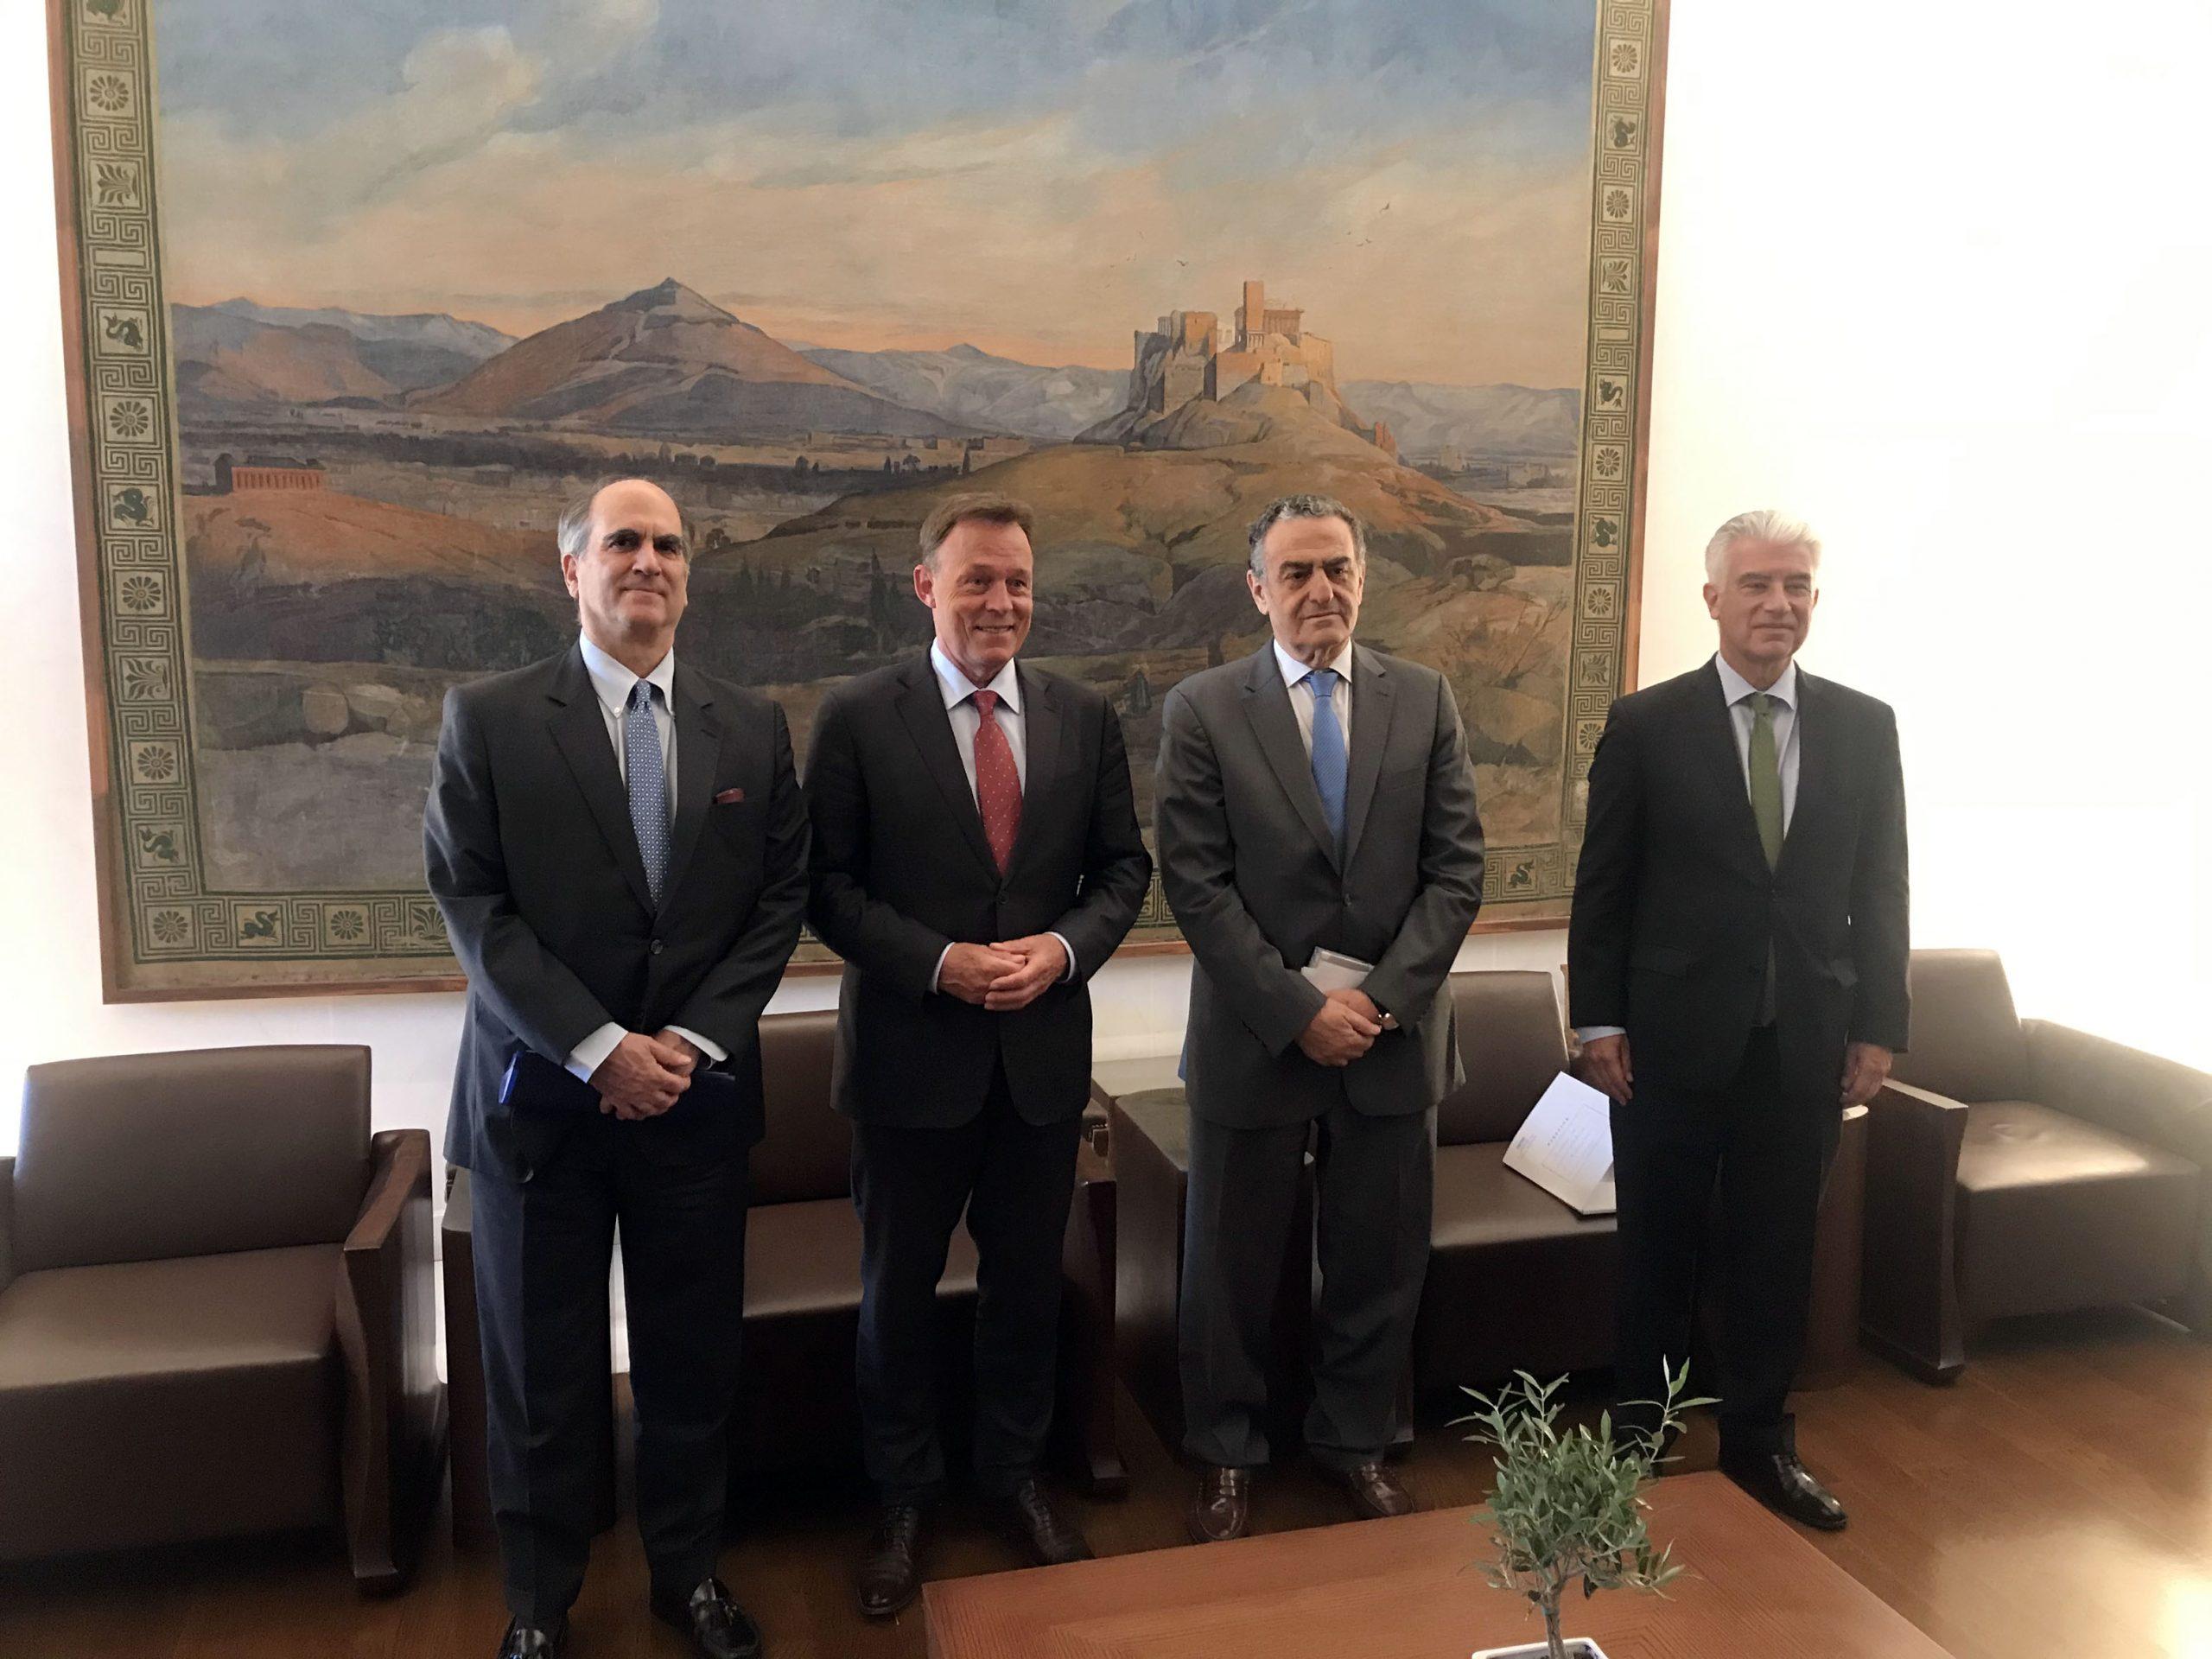 Συνάντηση του Αντιπροέδρου της Βουλής των Ελλήνων Χαράλαμπου Αθανασίου με τον Αντιπρόεδρο της Γερμανικής Bundestag Thomas Oppermann